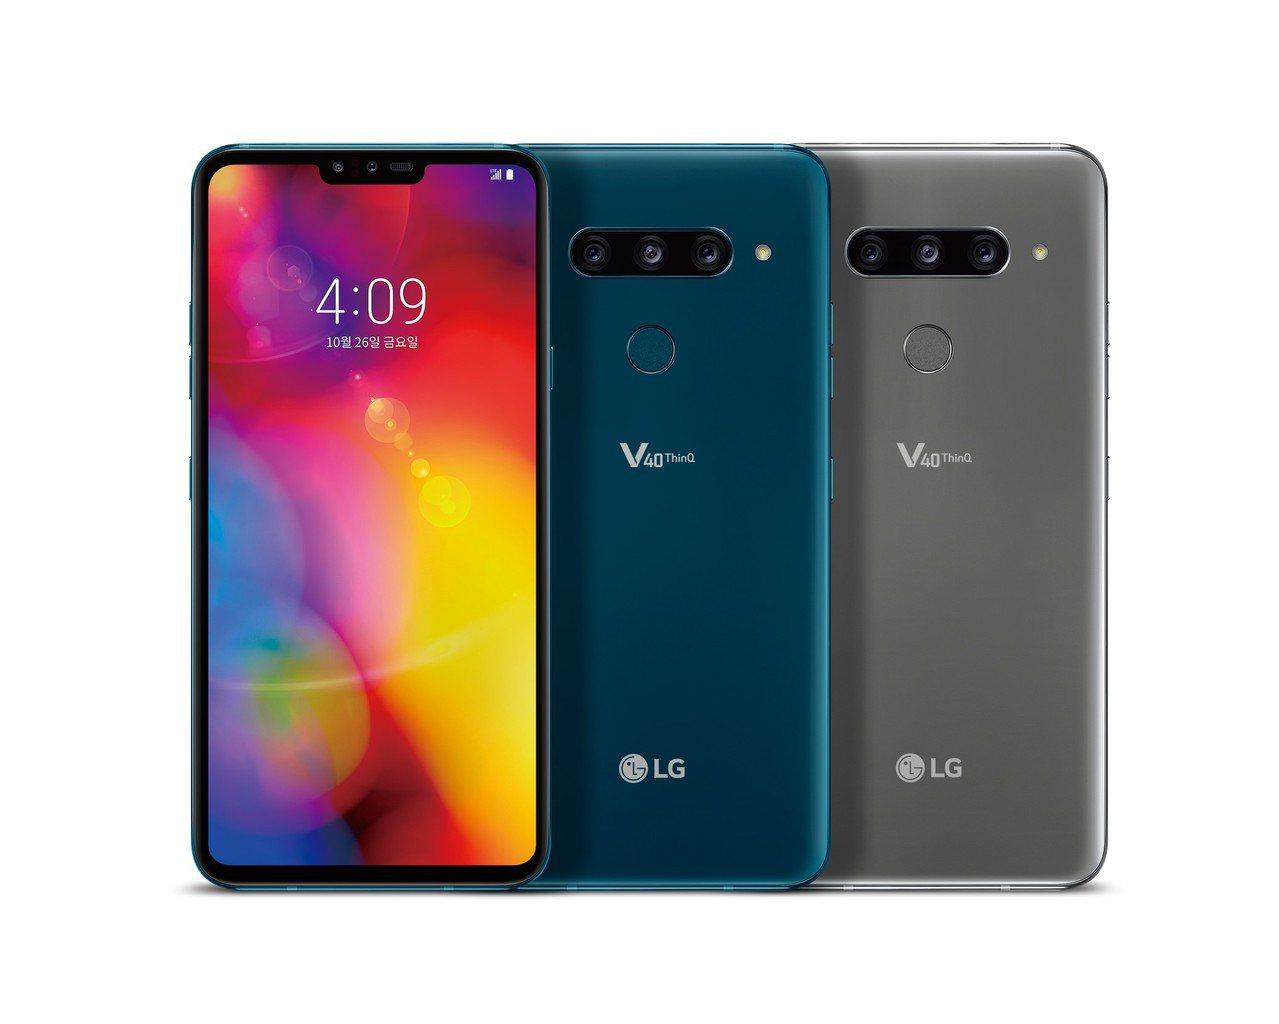 LG V40 ThinQ共有摩洛哥藍、鉑金灰兩色,單機價24,900元,1月30...